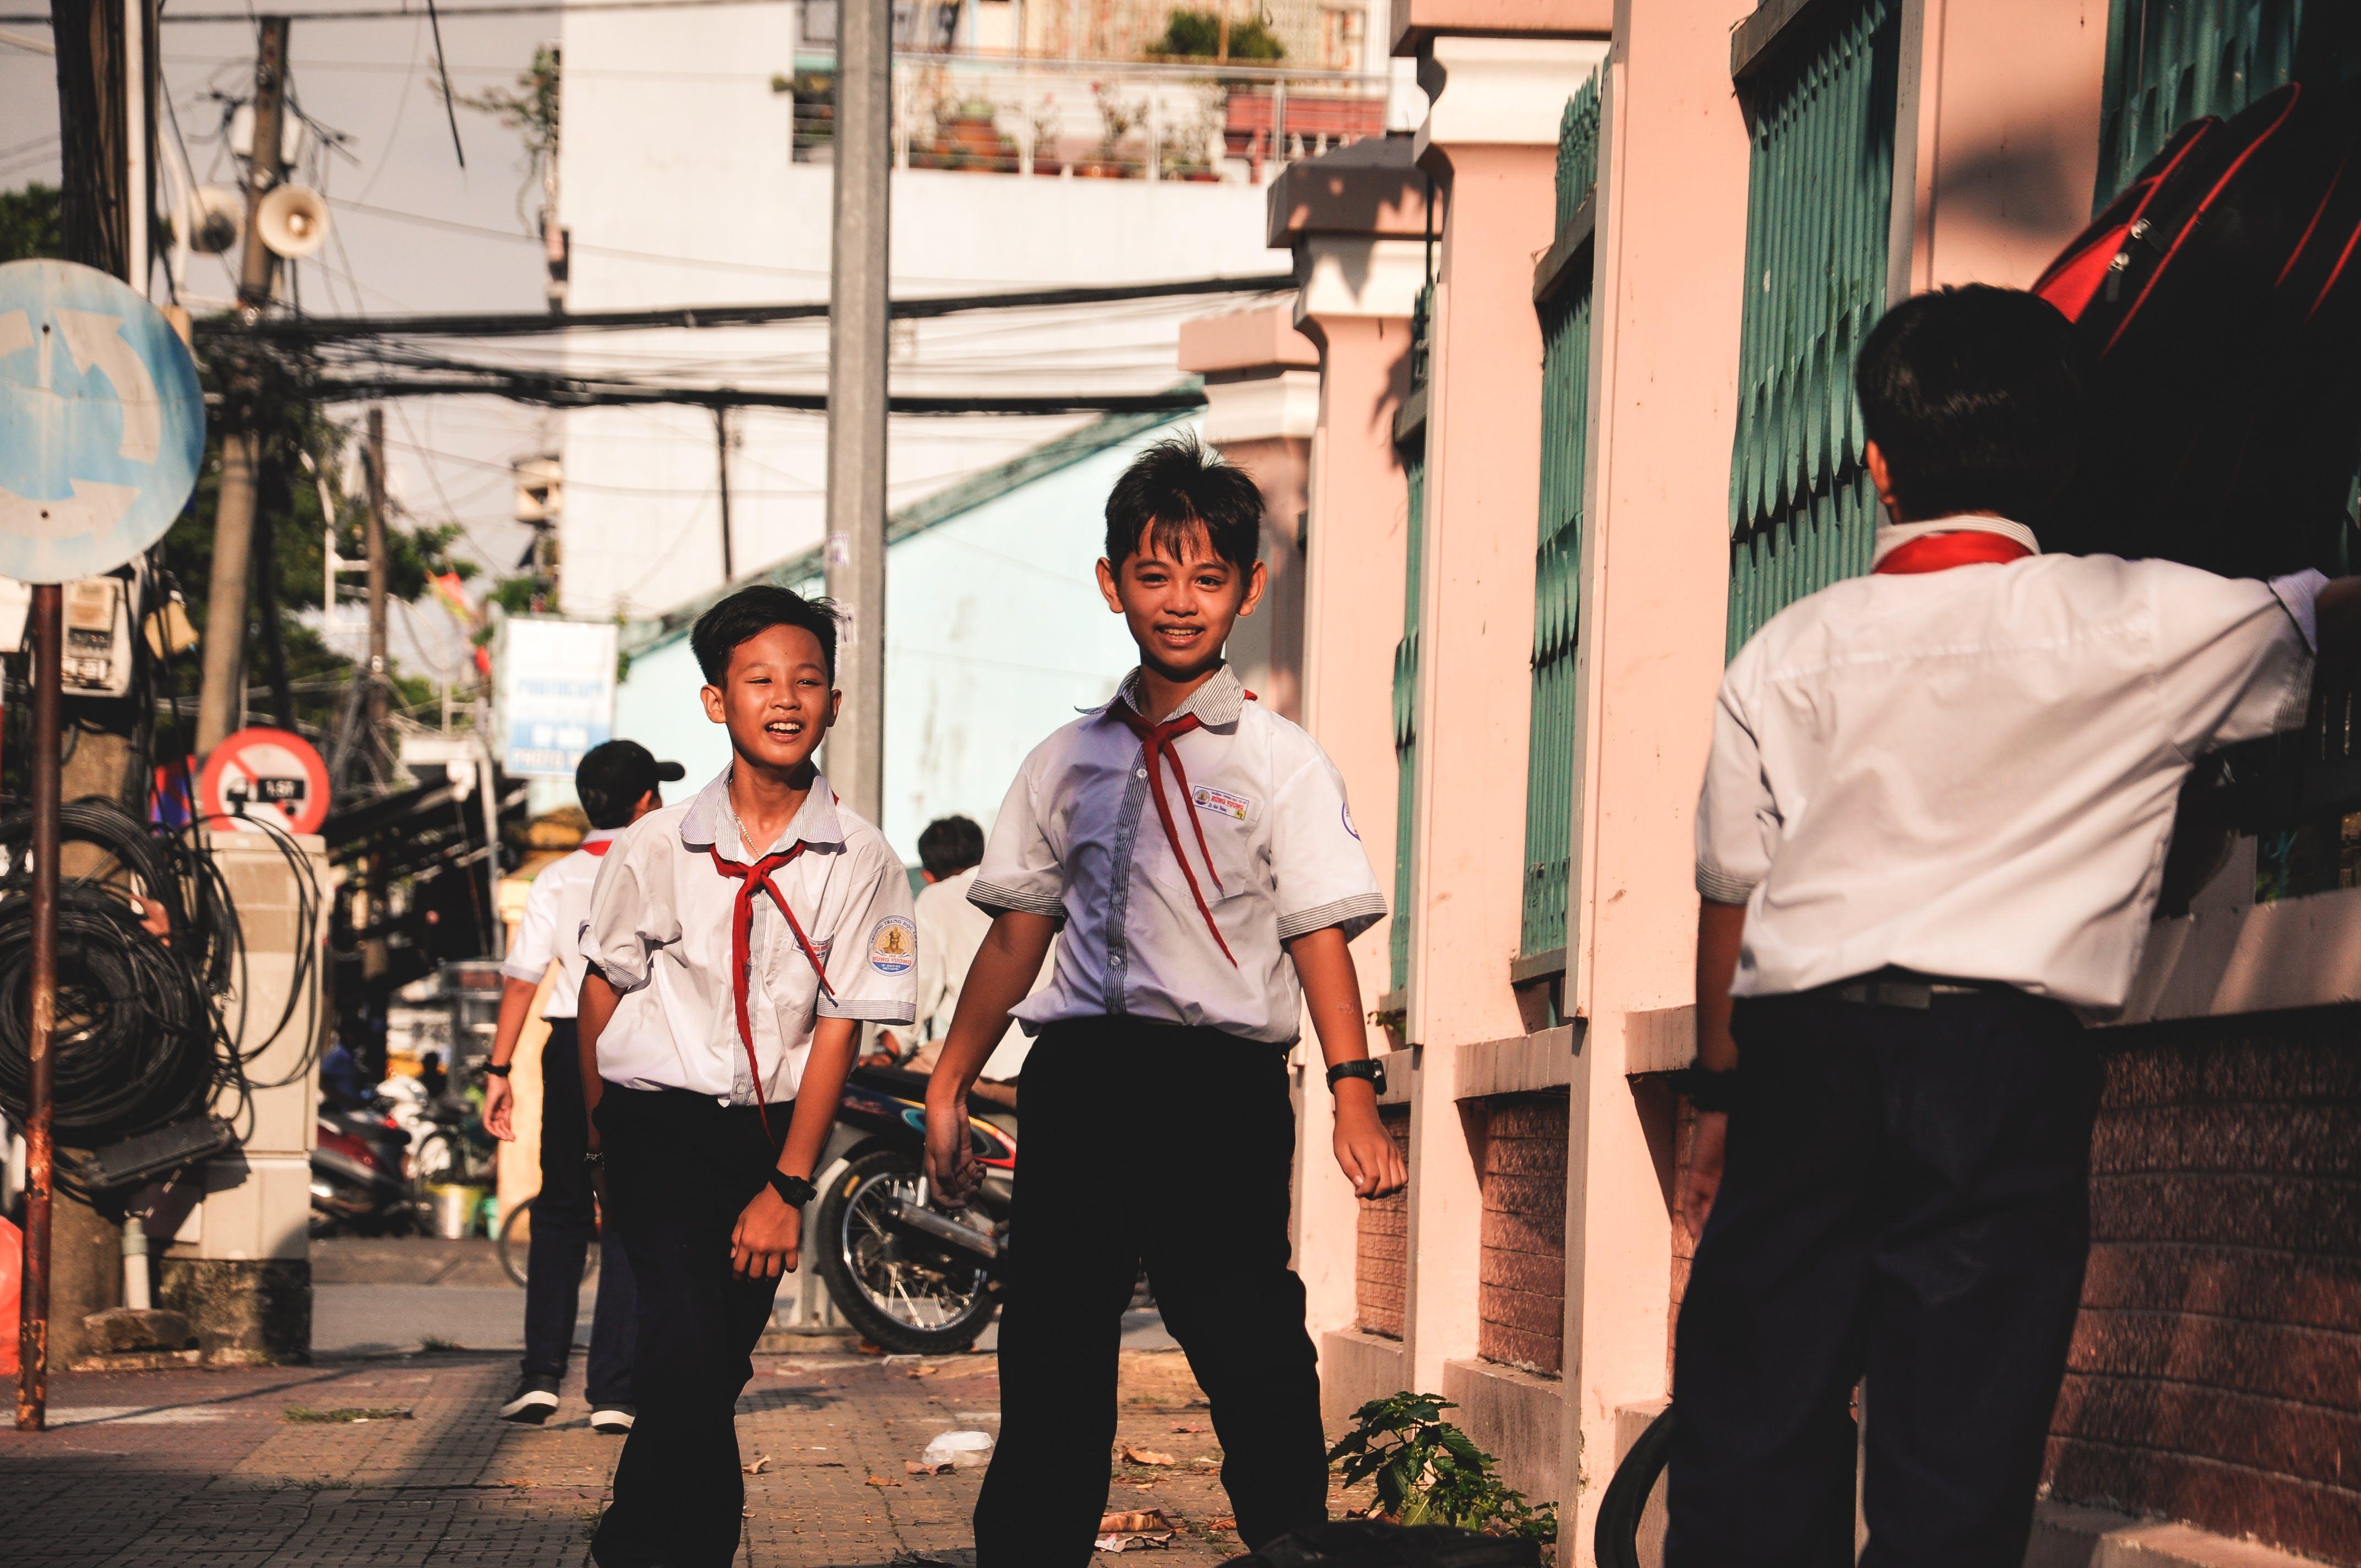 Kostnadsfri bild av barn, gata, människor, pojkar